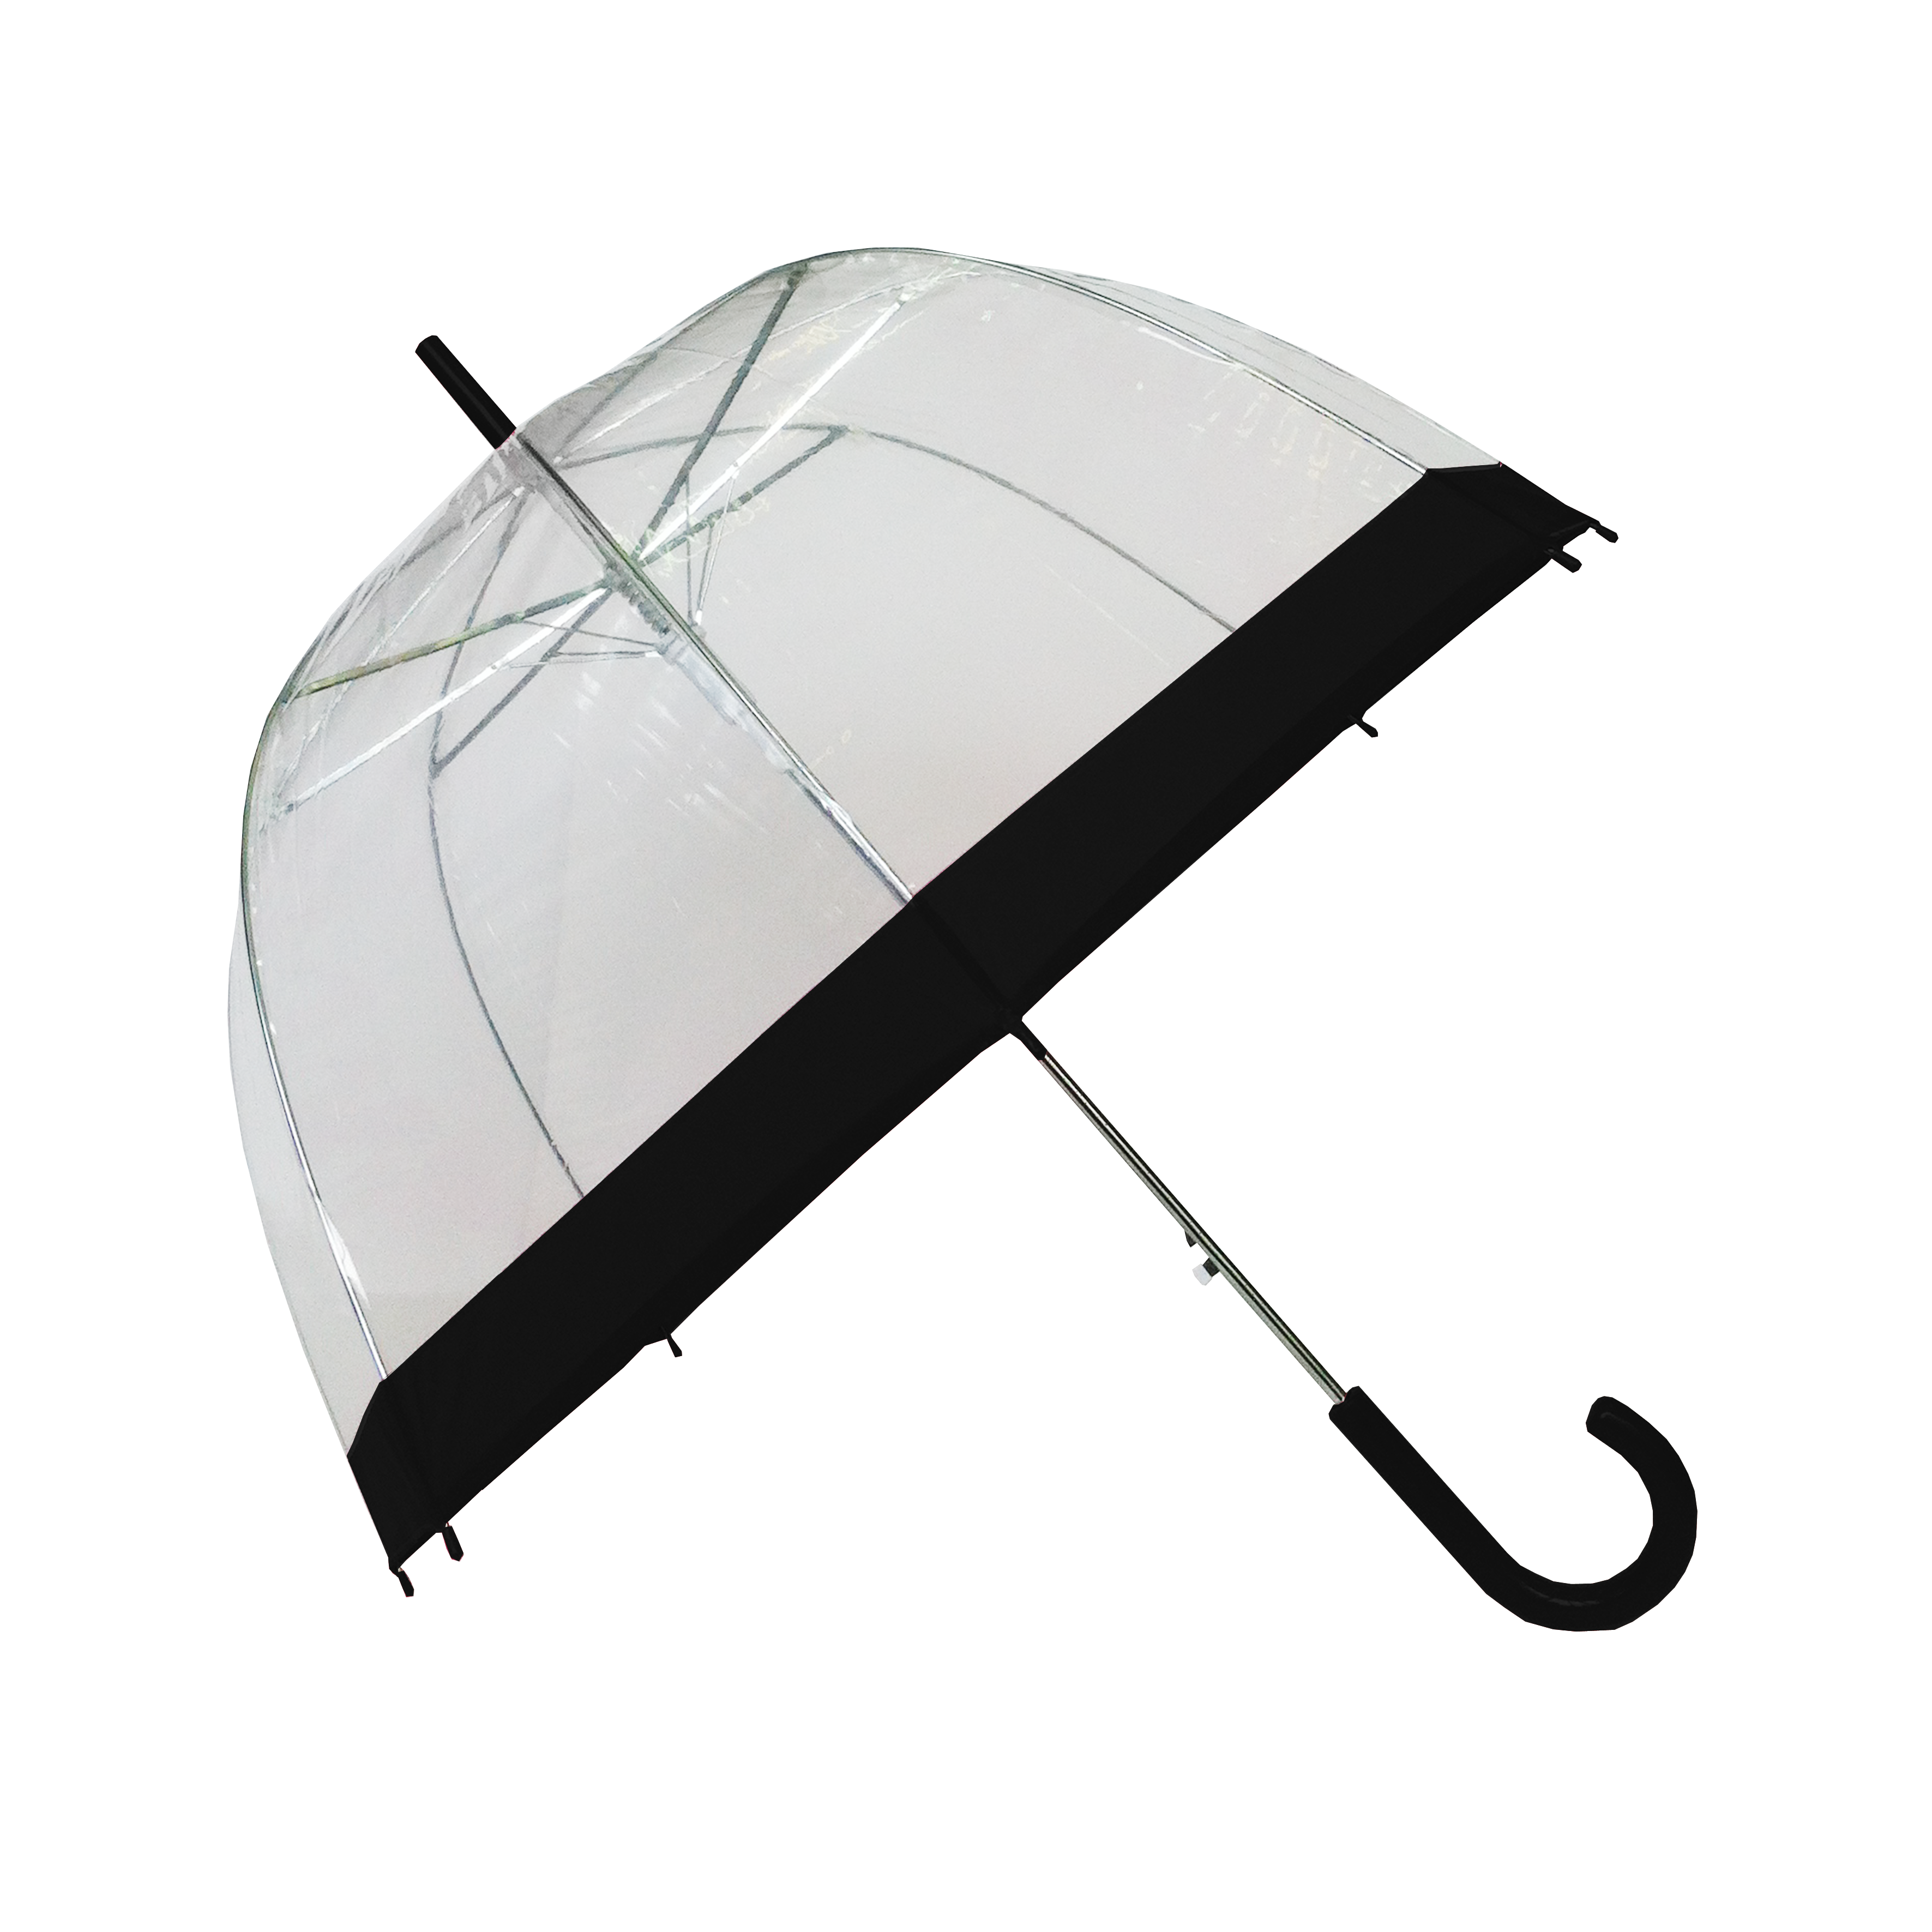 Parapluie cloche femme automatique transparent bordure - Parapluie cloche transparent isotoner ...